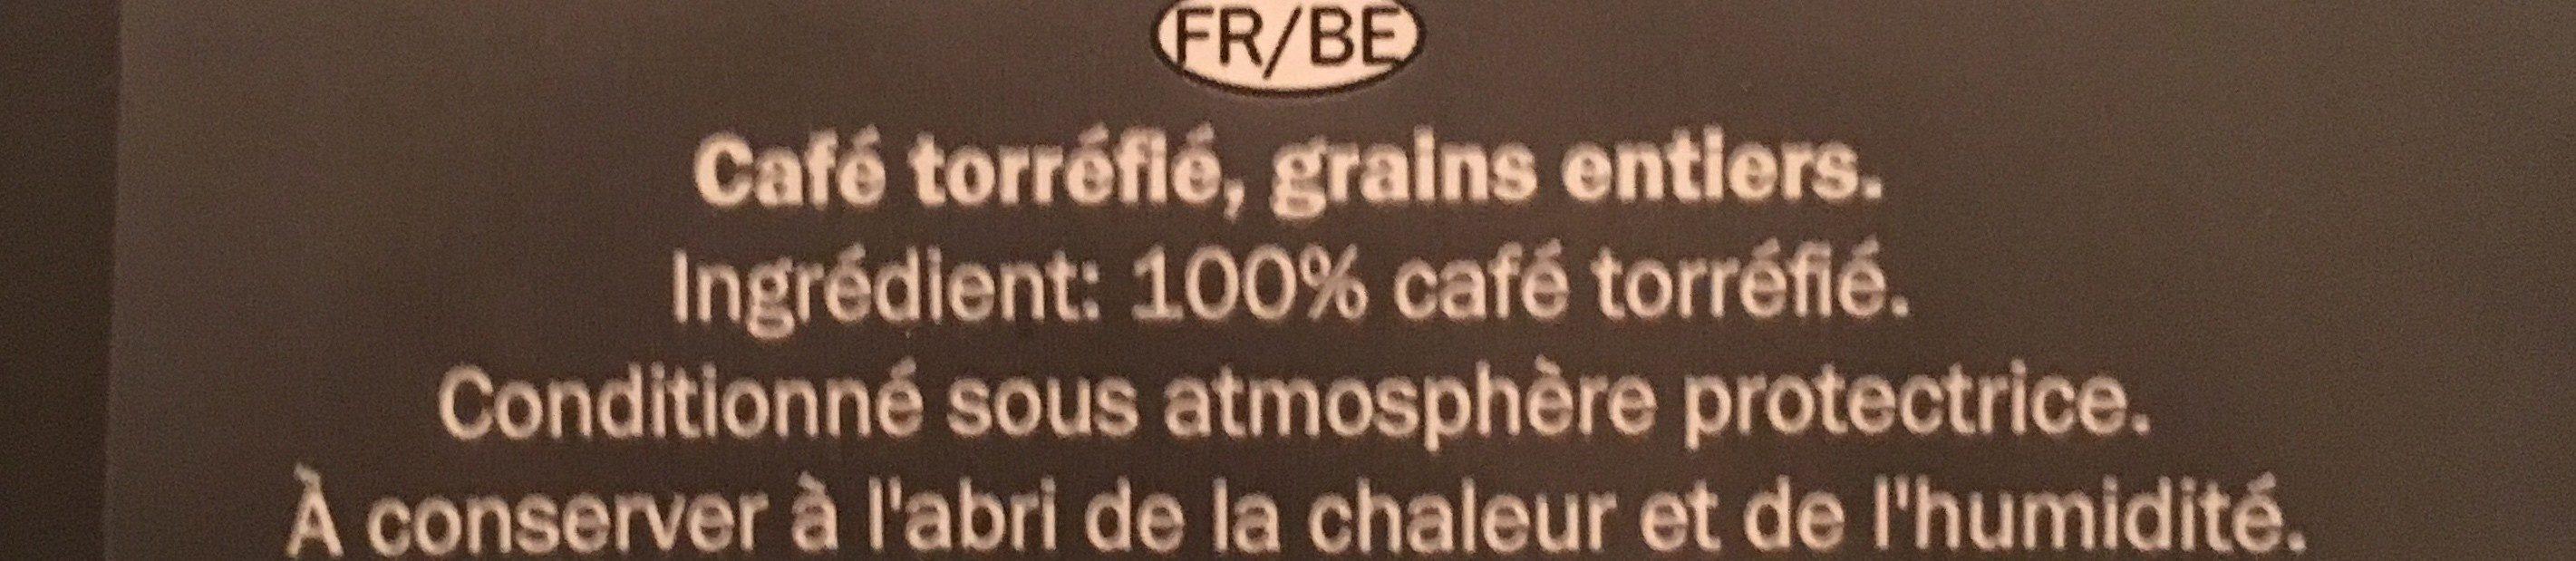 Espresso/Grains de café - Ingrédients